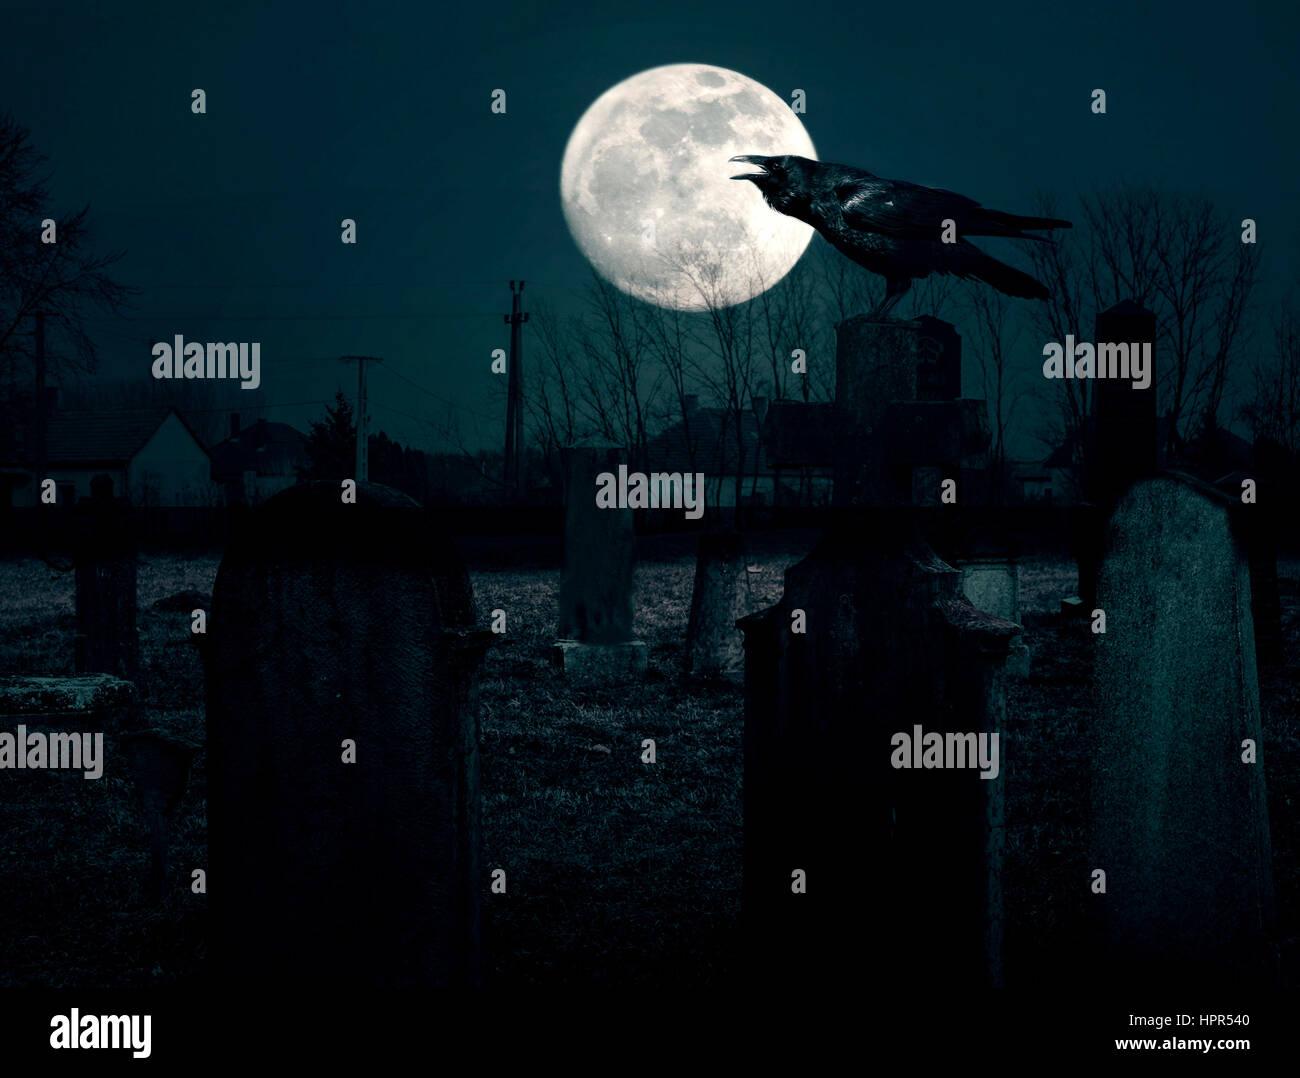 La nuit cimetière fantasmagorique Photo Stock